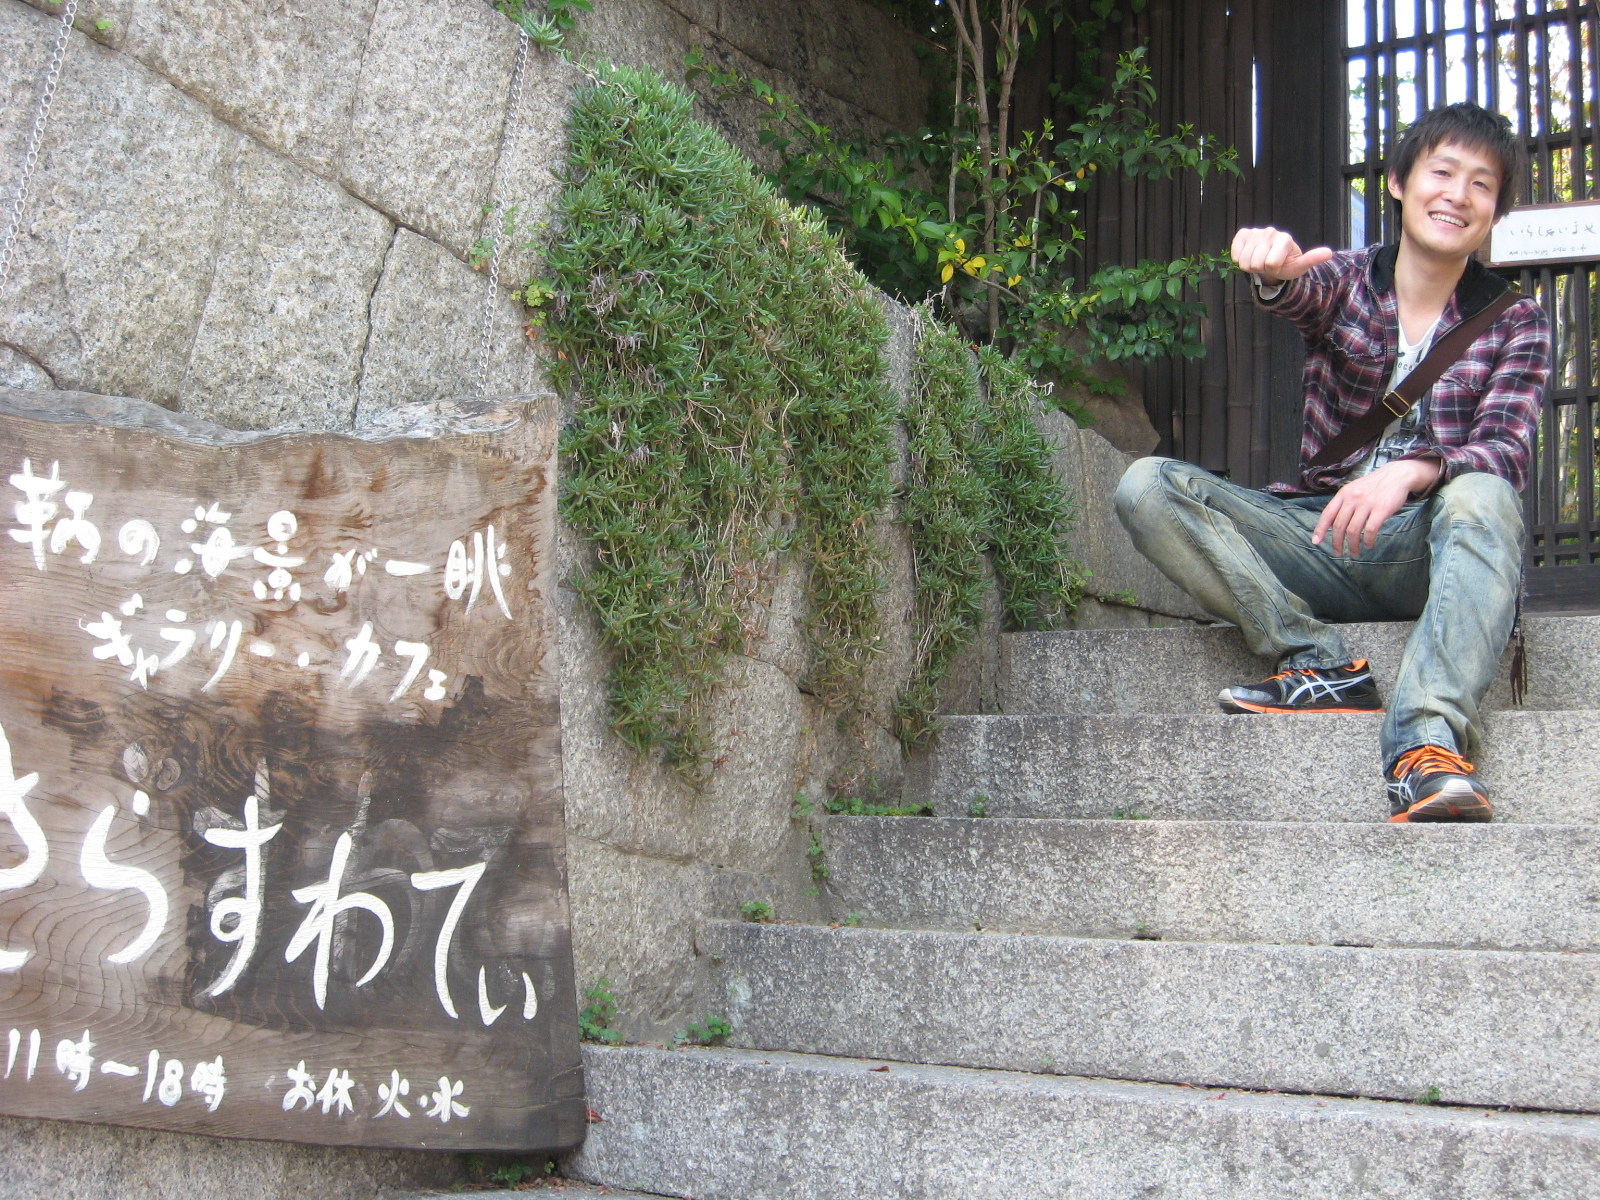 福山市鞆町のカフェ&ギャラリー「さらすわてぃ」